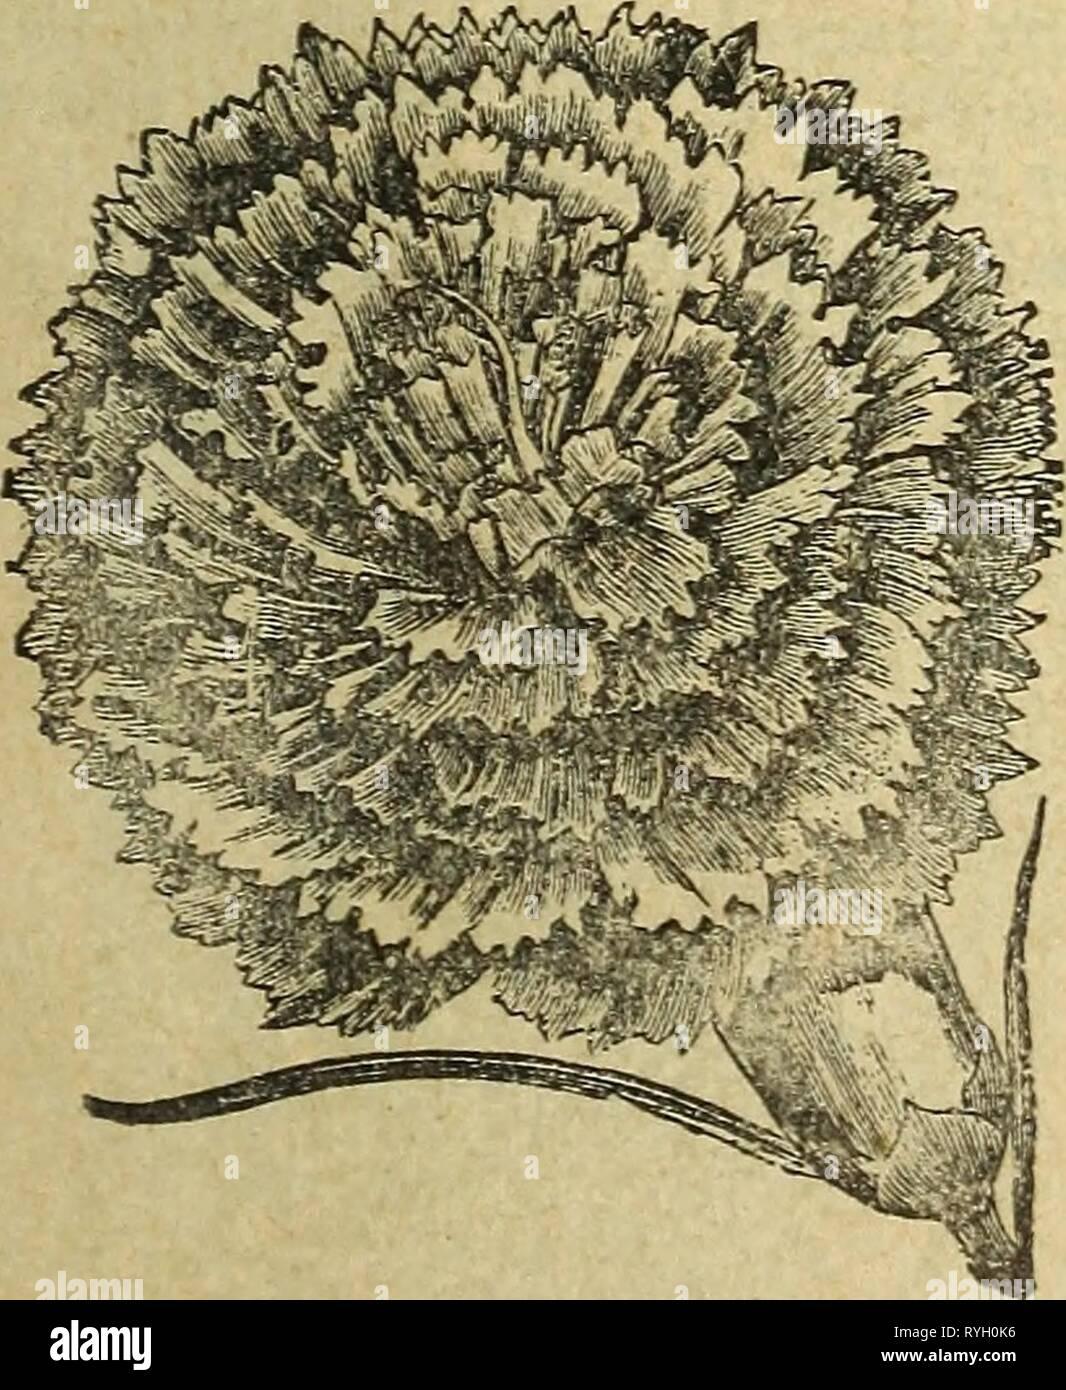 """E. Annabil & Co. de semillas eannabilcosseeda eann1893ANUAL Año: 1893 ft- #F CAI^E]B>UIL una caléndula. La caléndula ha sido un habitante de jardines floridos, desde tiempo inmemorial, y donde una rica muestra de bloi m es esperado, es casi indispensable. I él Af- rican variedades son altas, creciendo normalmente dos pies o más, mientras que los franceses son más enano, de forma más perfecta y hermosa belleza; todos son deseables. Hardy anuarios en flor hasta frost viene. El Meteor handsomest del calen- """"dulas, perfectamente doble y bellamente rayados, los pétalos con una cremosa cen- ter con bordes amarillo naranja Foto de stock"""